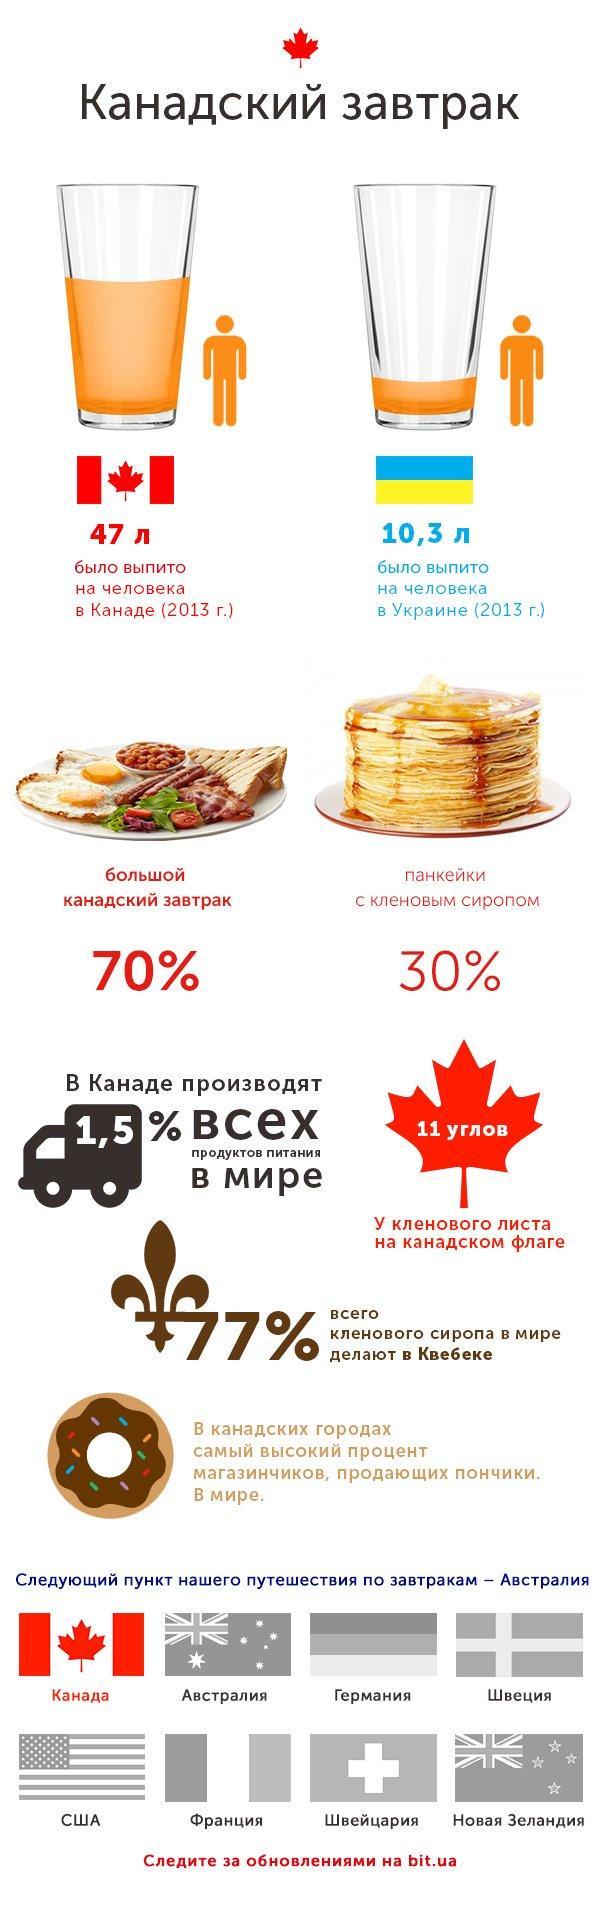 Как завтракают в разных странах мира: Канада